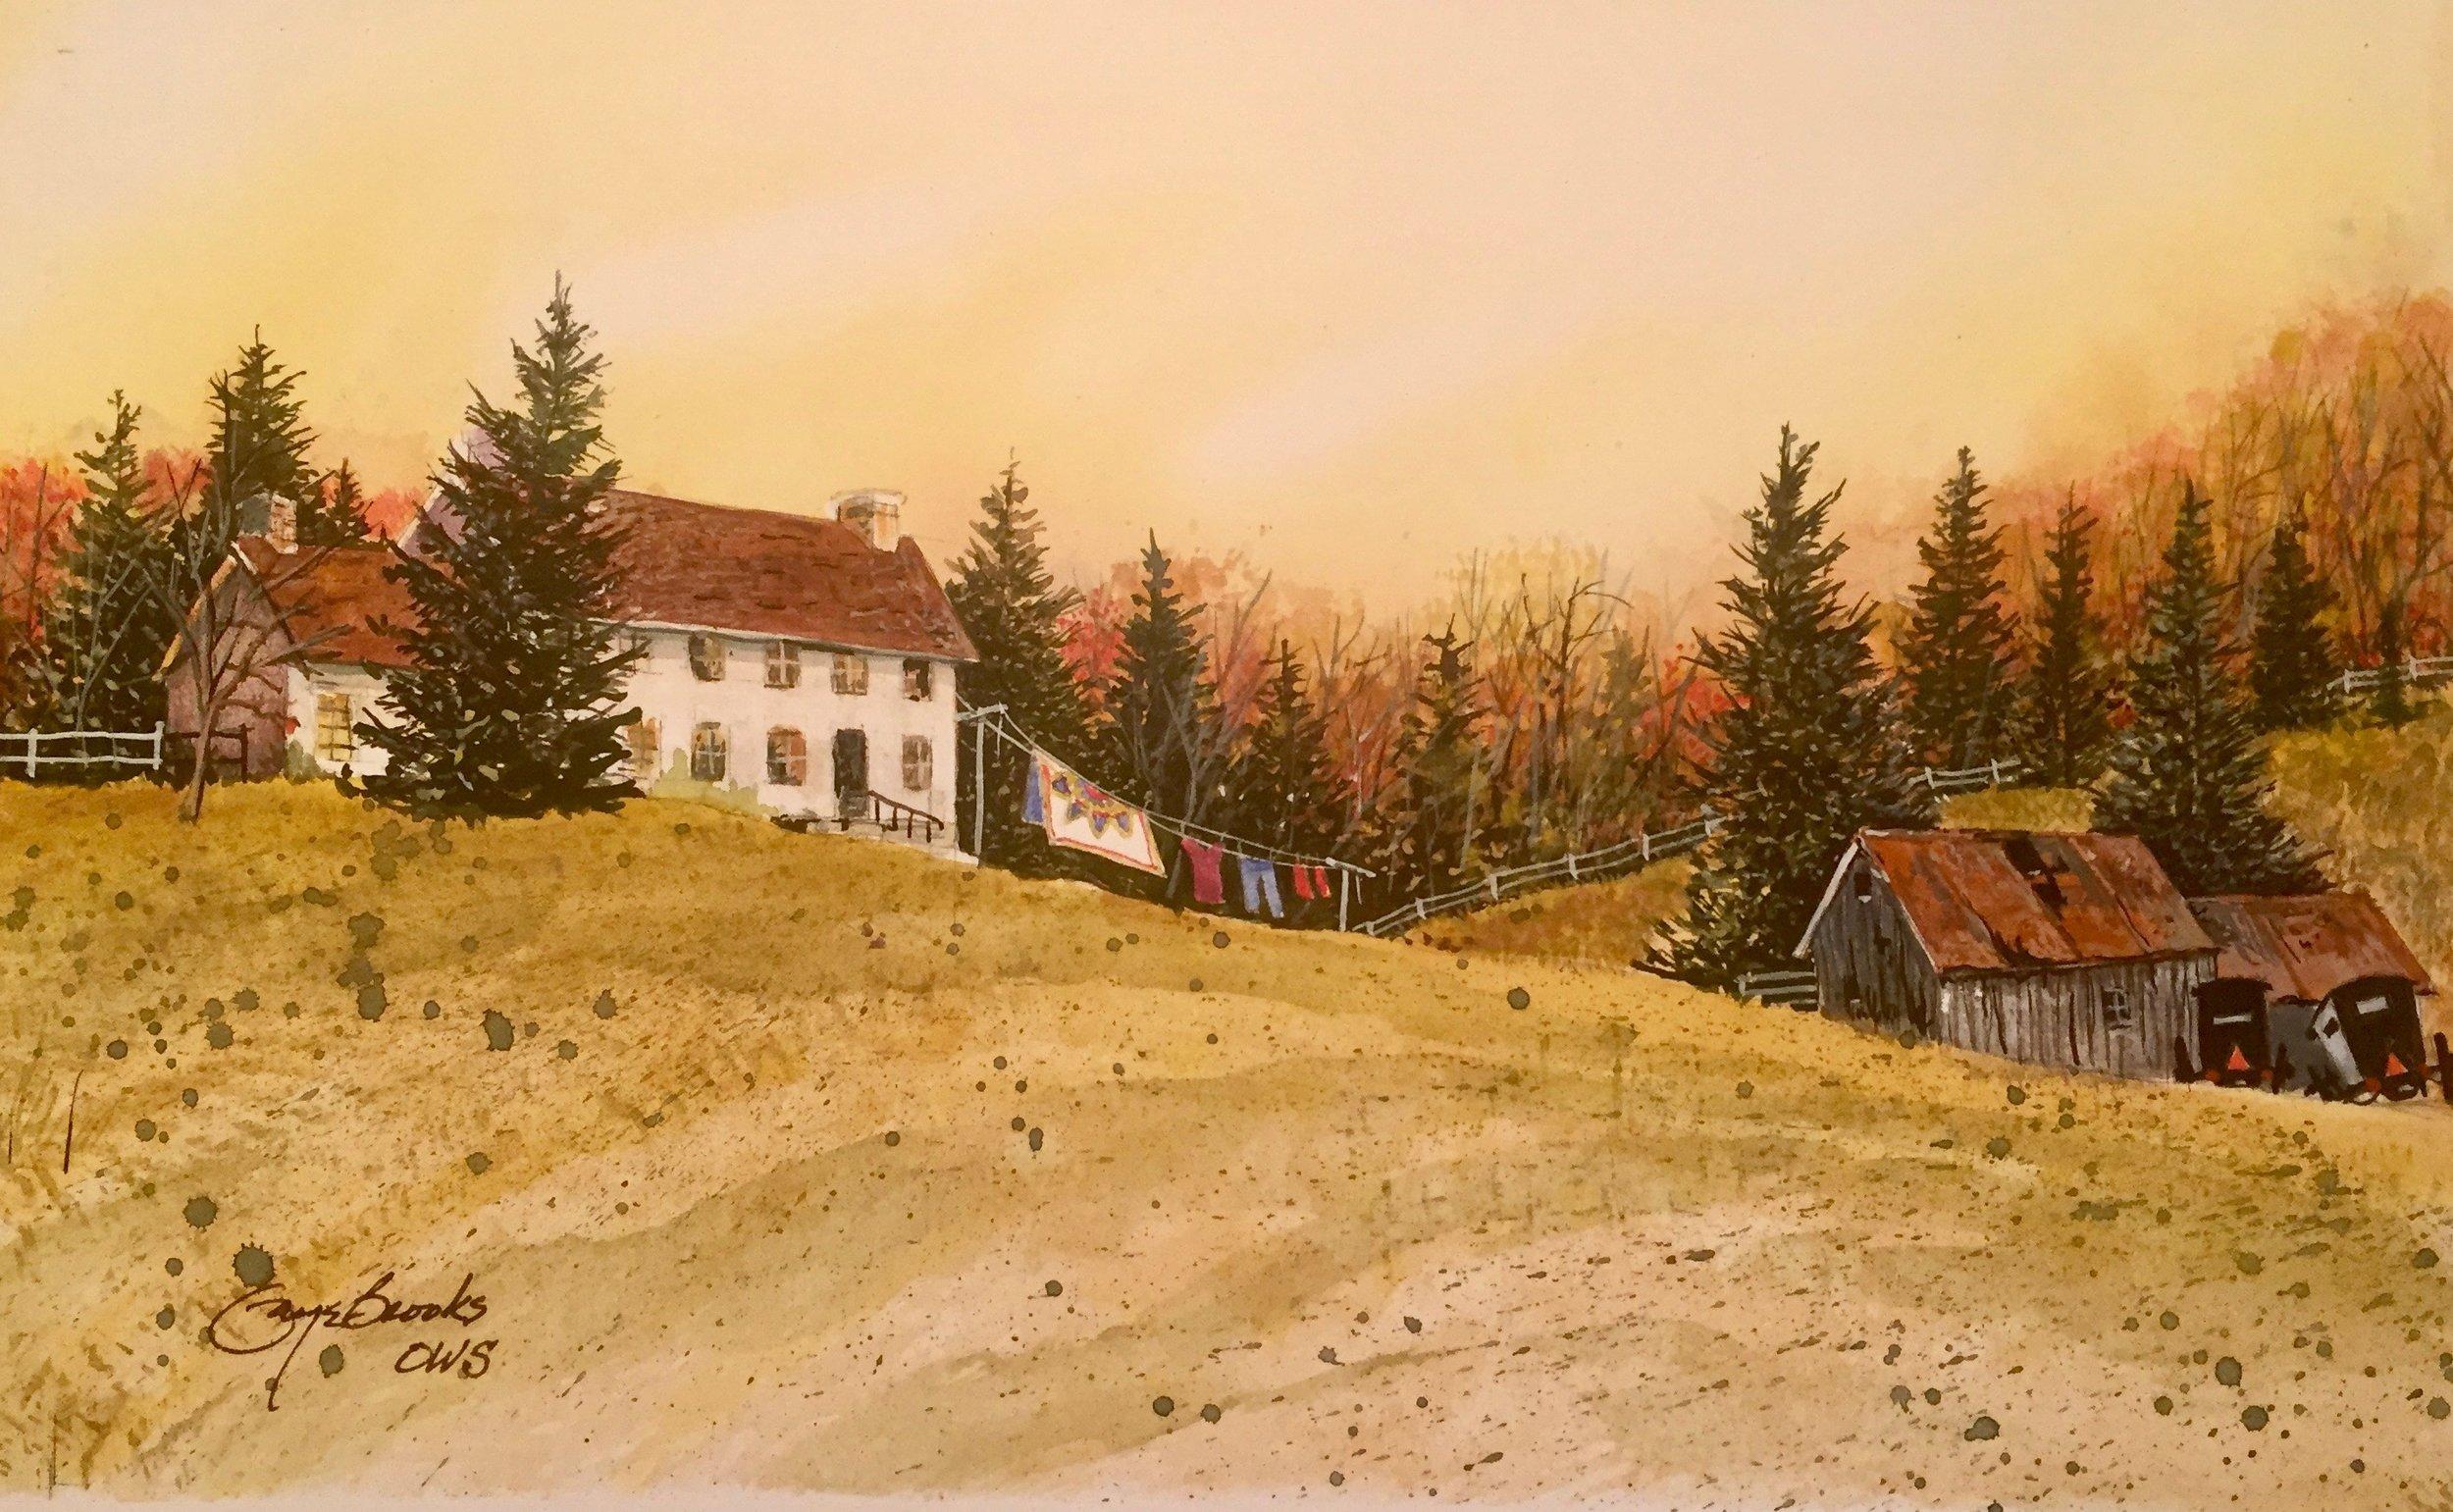 Tater Ridge